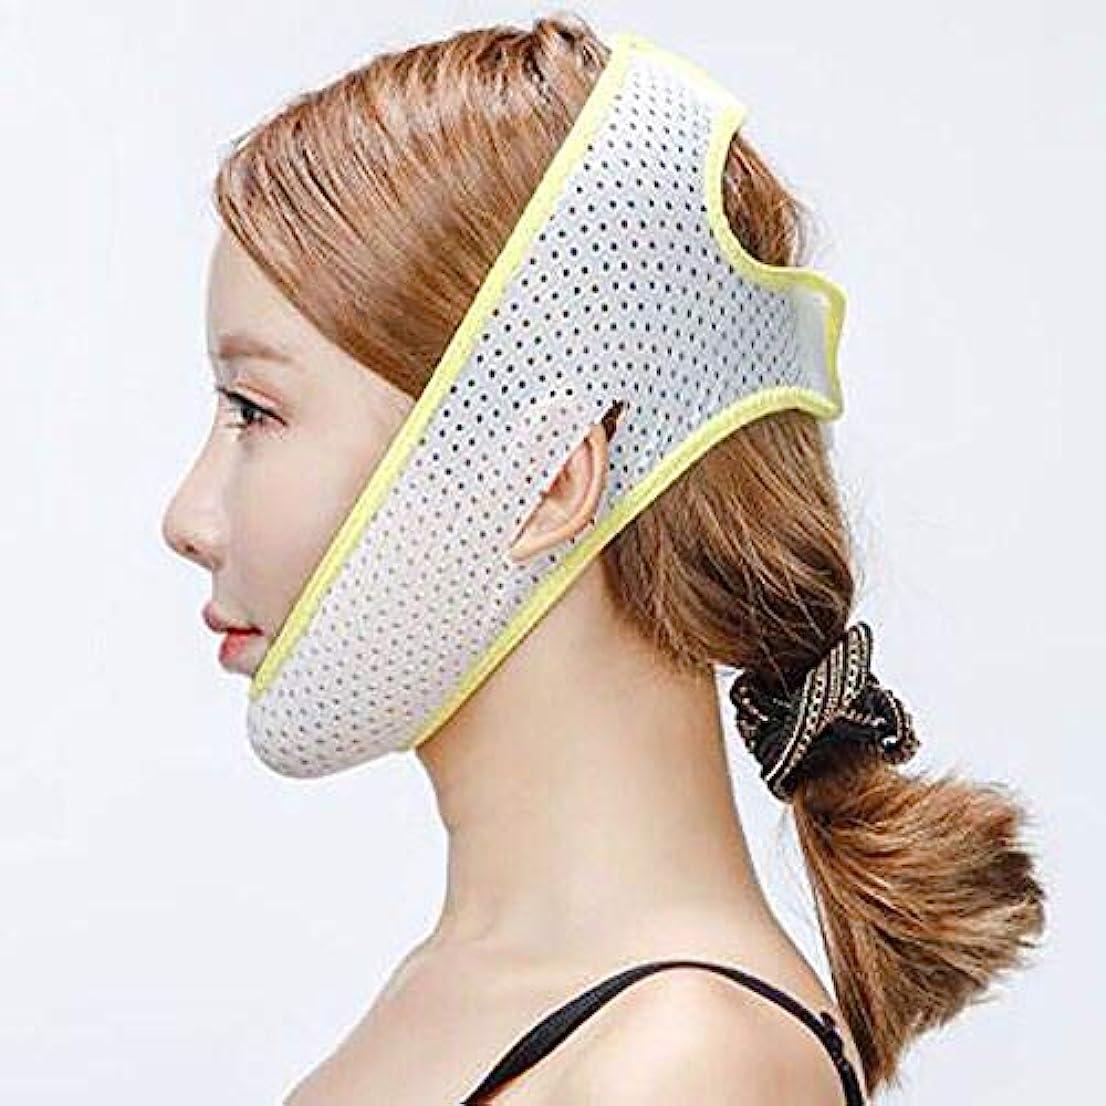 計算詳細に高さVフェイス包帯マスク、睡眠薄い顔アーティファクトフェイスリフトベルトライン彫刻回復包帯物理的な持ち上がる二重あごツール,Yellow